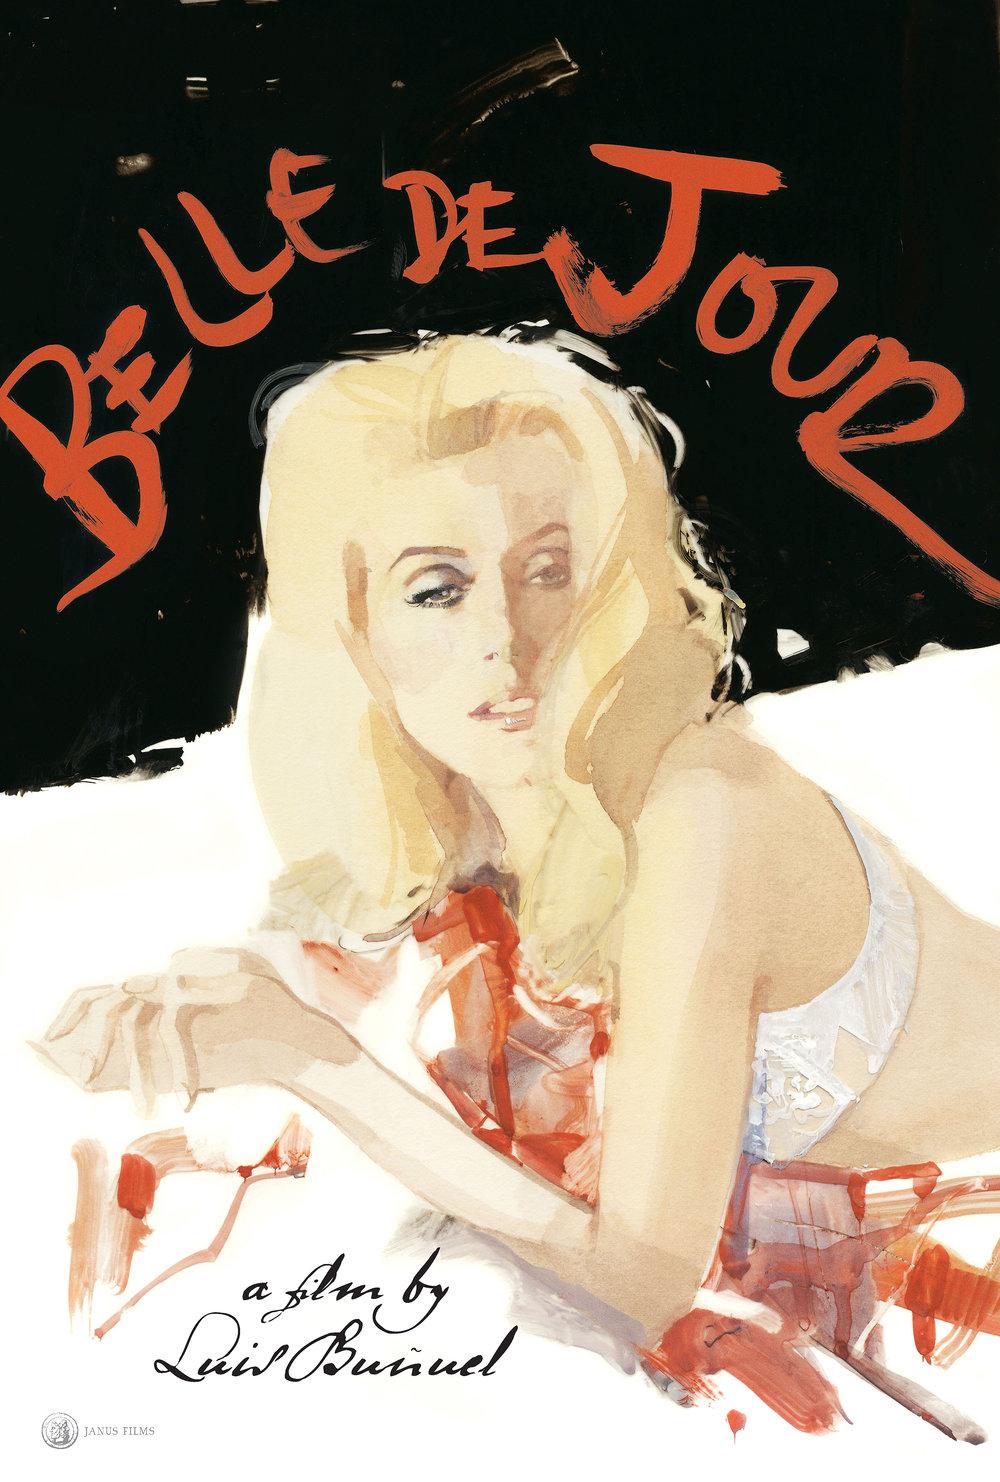 BelledeJour_poster_original.jpg